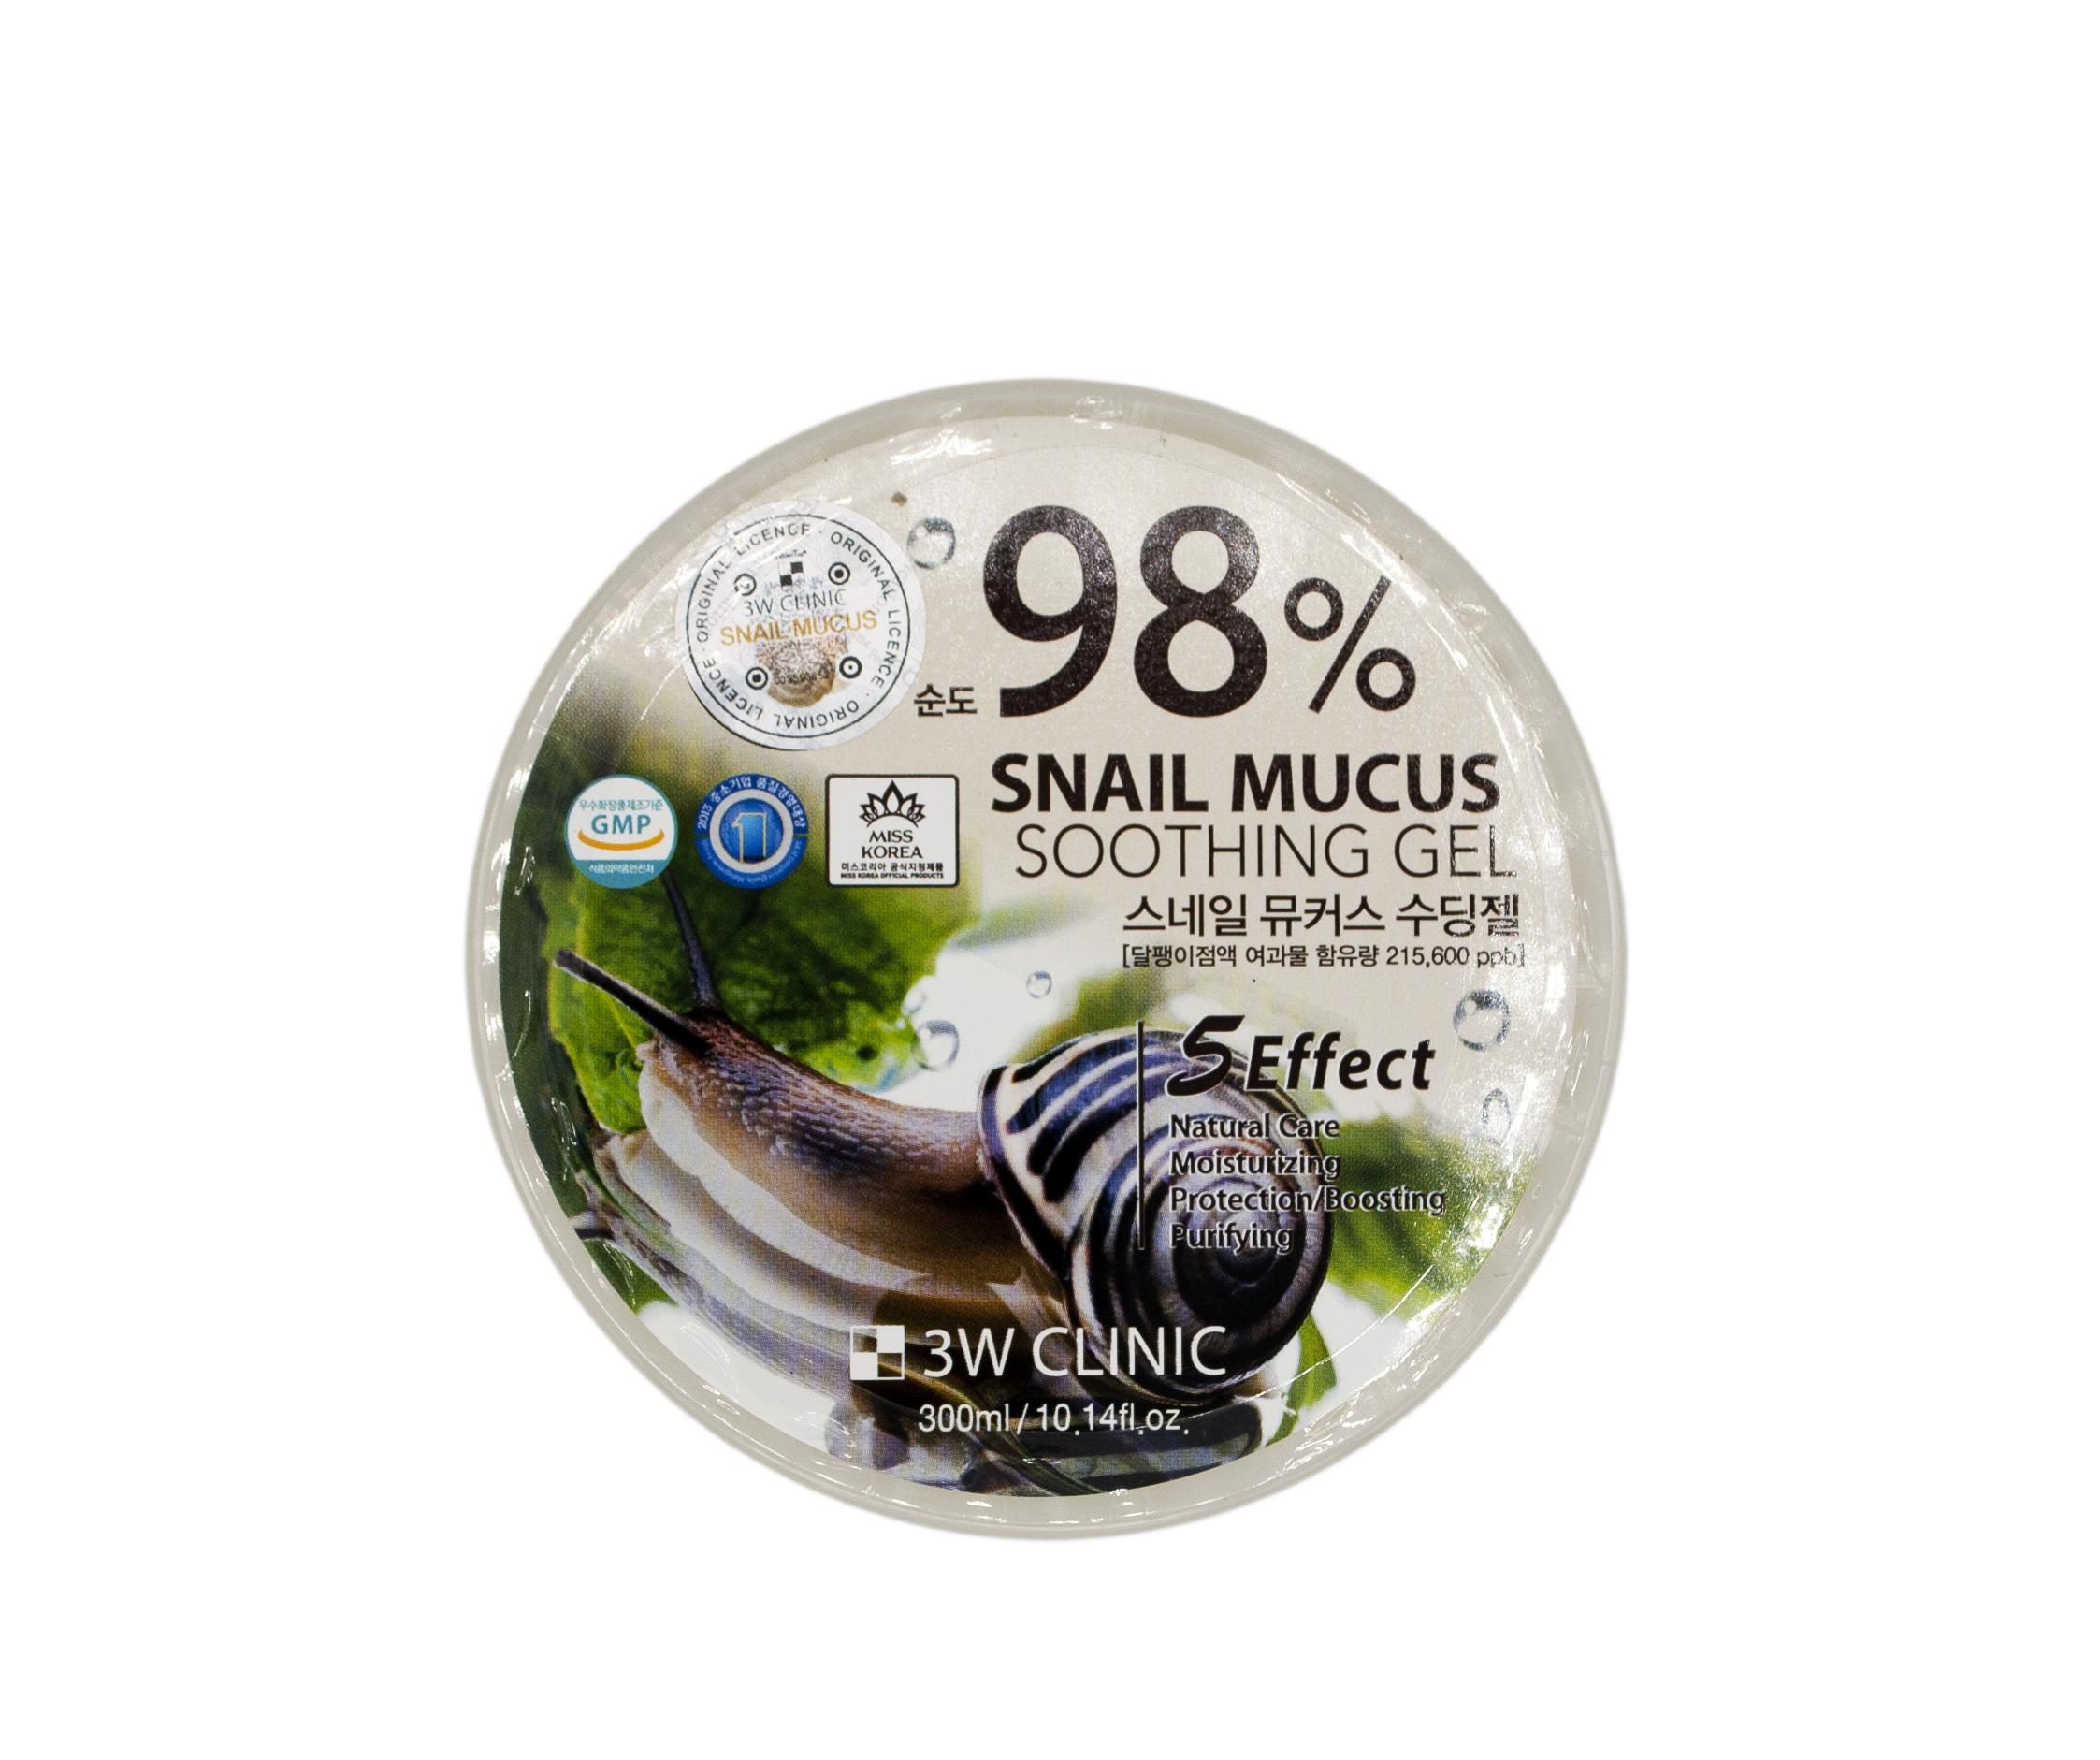 Купить 3W CLINIC Гель универсальный для лица и тела с улиточным муцином 98% / Snail 300 г